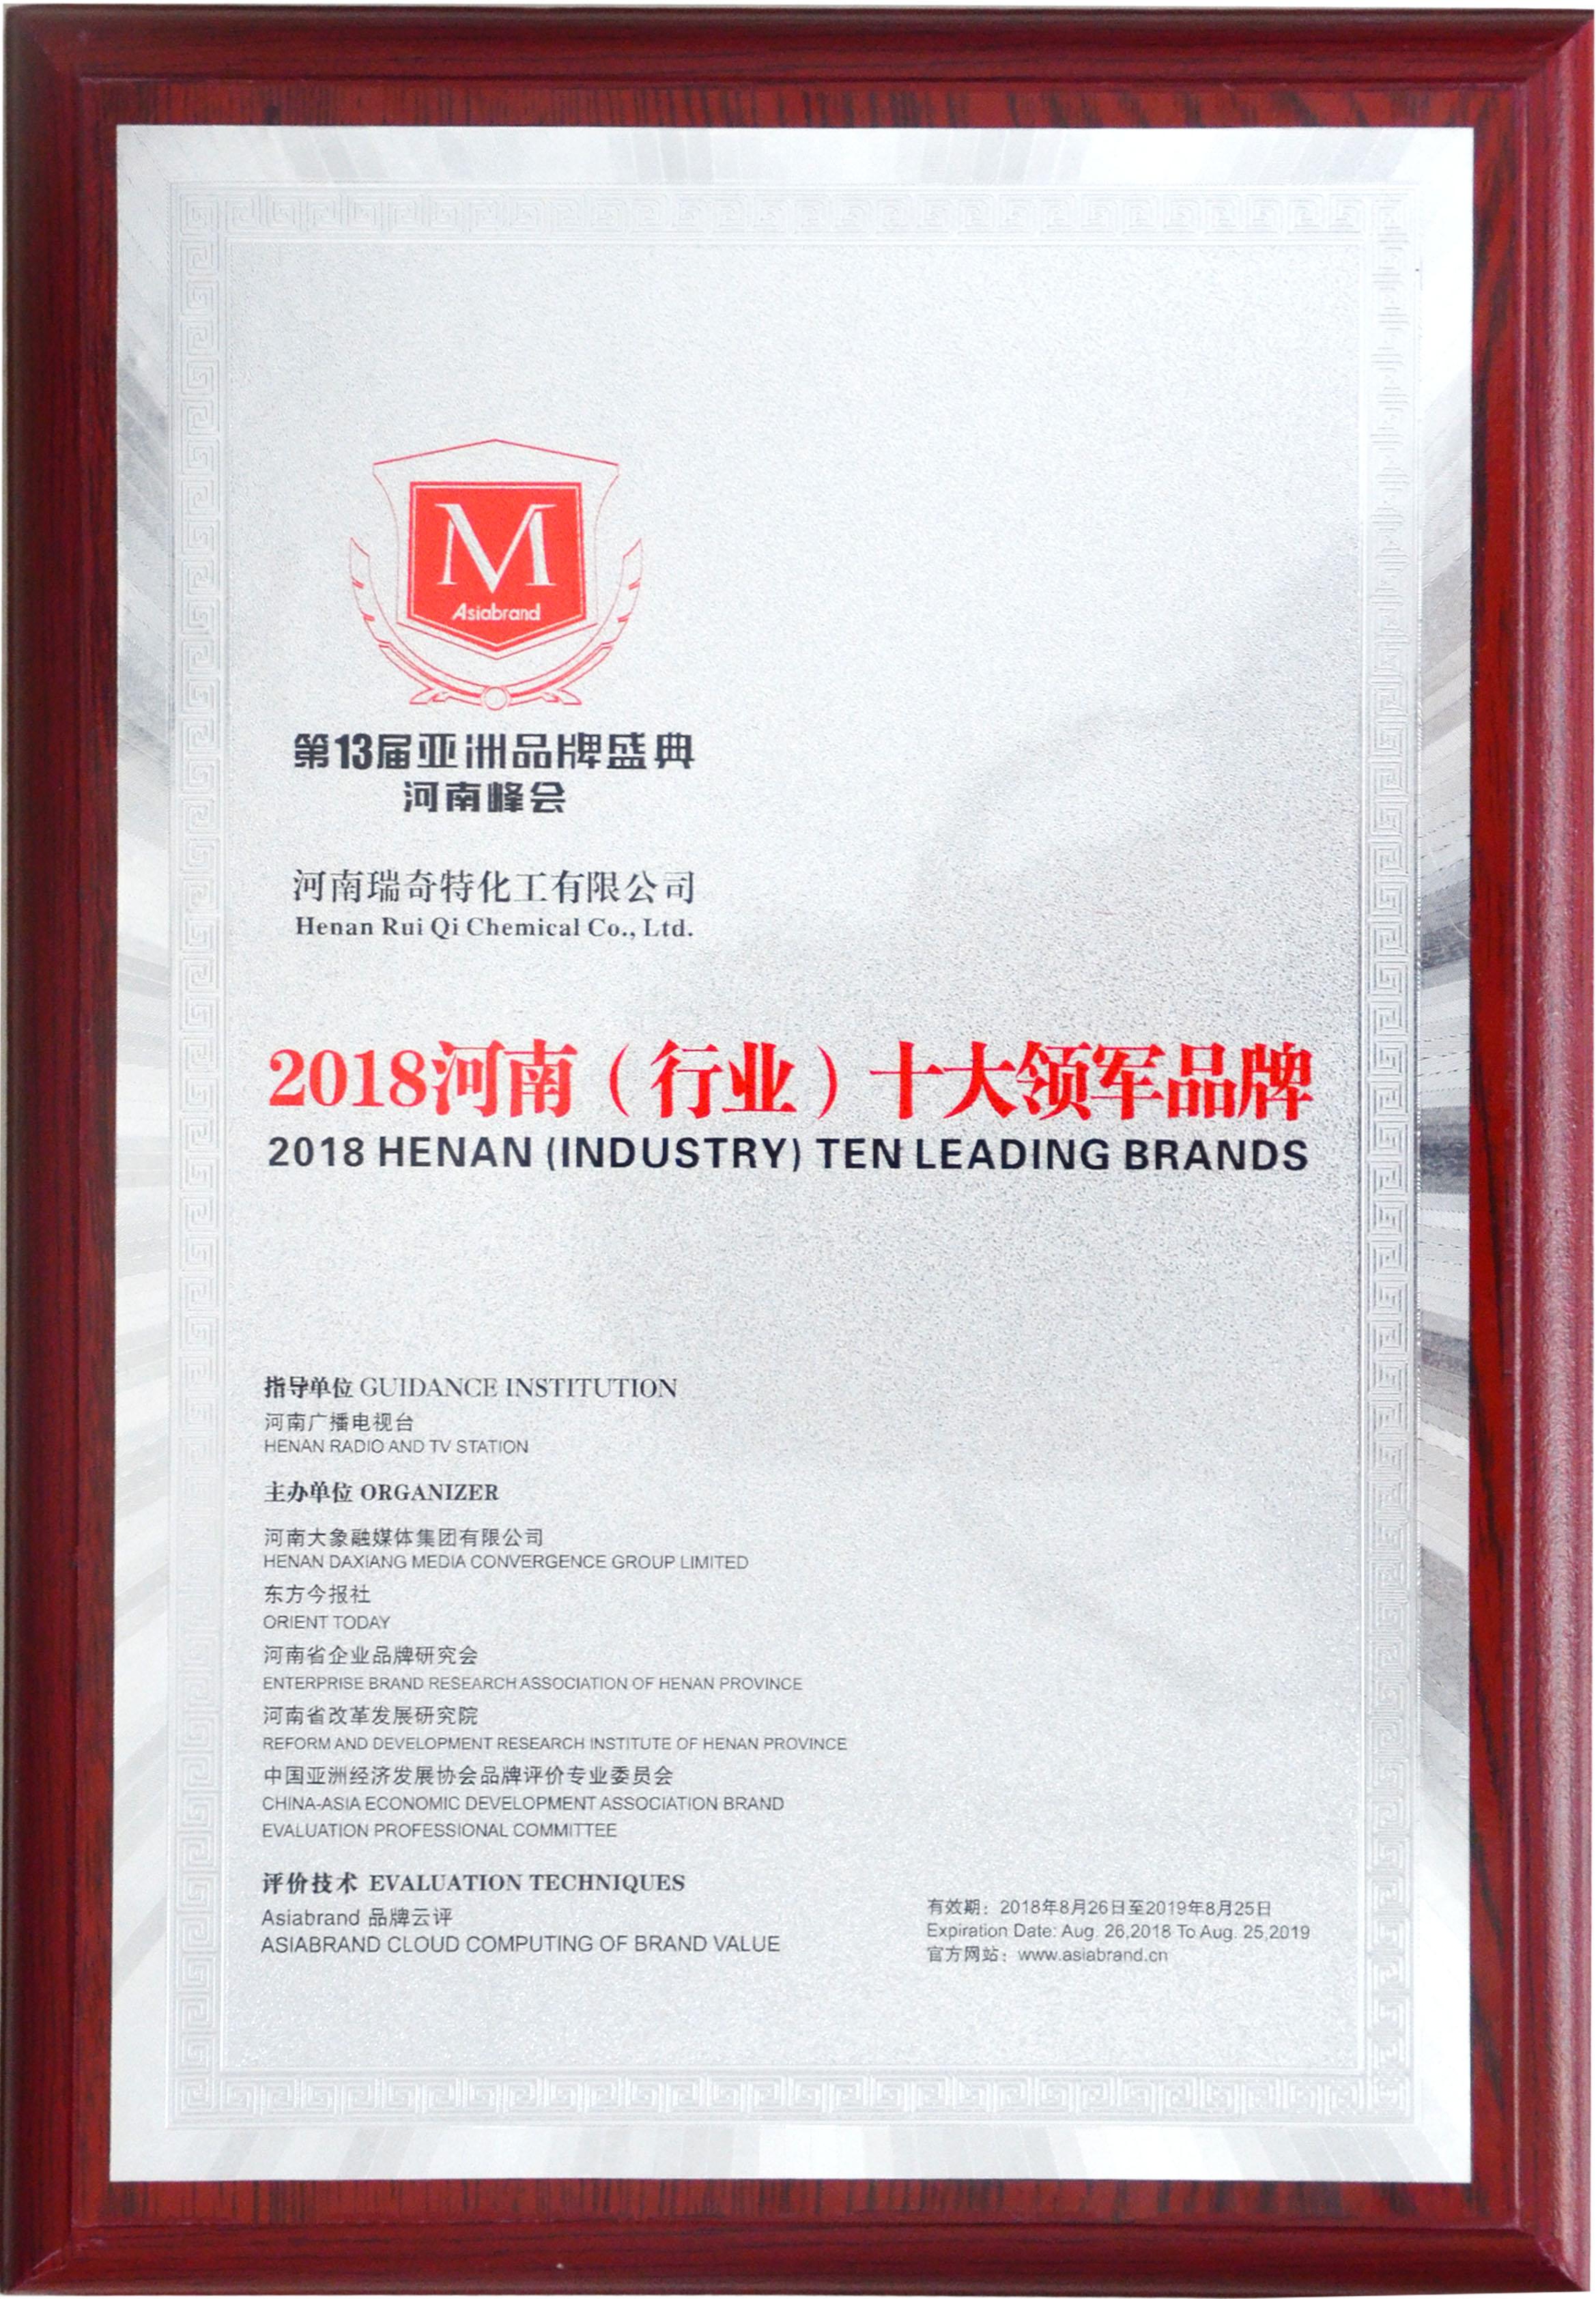 荣获2018年行业十大领军品牌